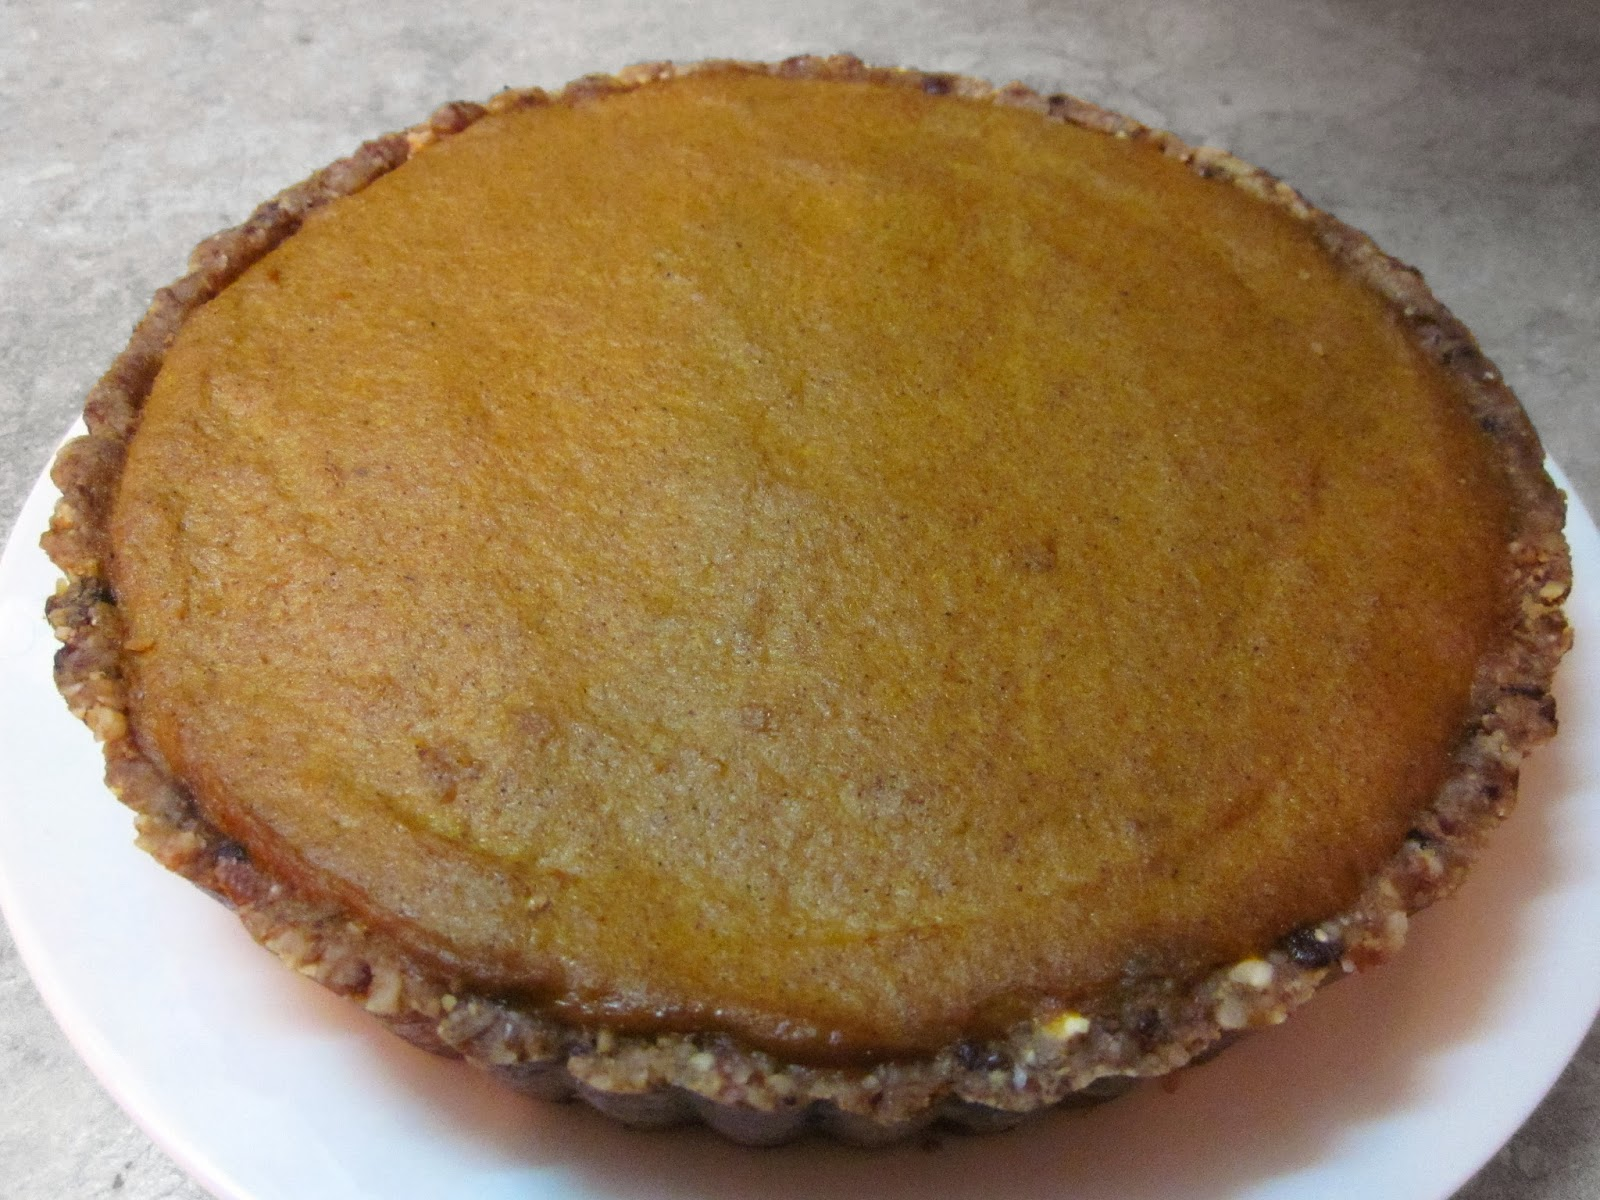 No Bake Gluten Free Pumpkin Pie #Recipe #glutenfree - Rural Mom